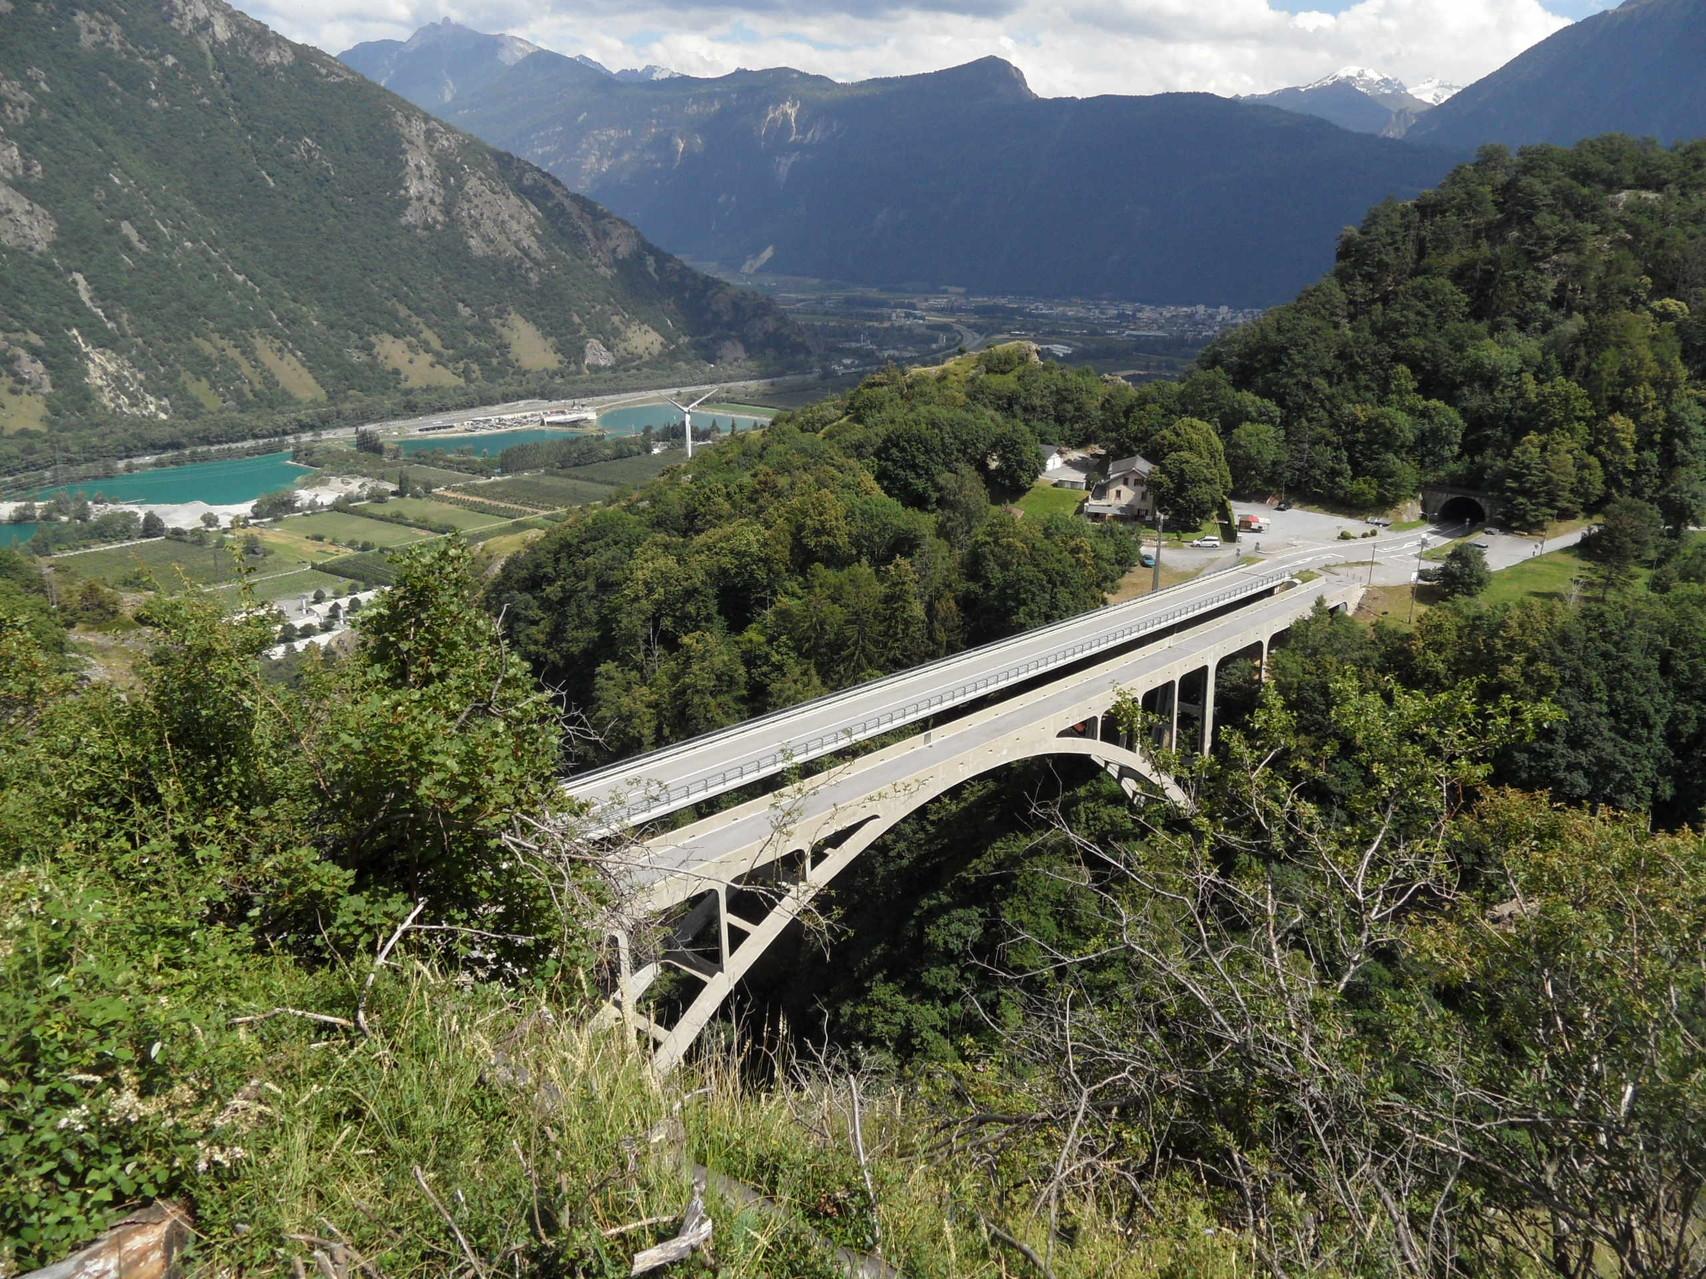 Aimé a roulé sur le pont de droite...